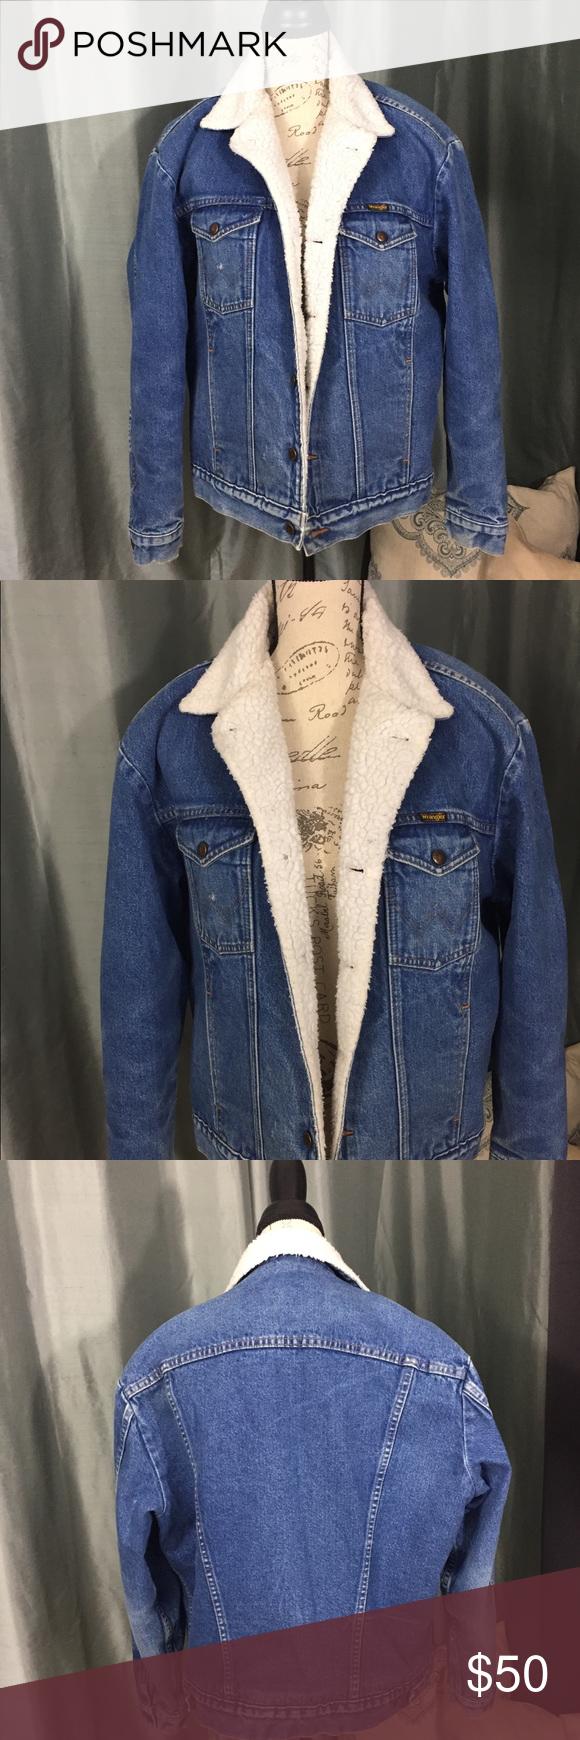 Vintage Wrangler Sherpa Lined Denim Coat Vintage Wrangler Denim Coat Clothes Design [ 1740 x 580 Pixel ]